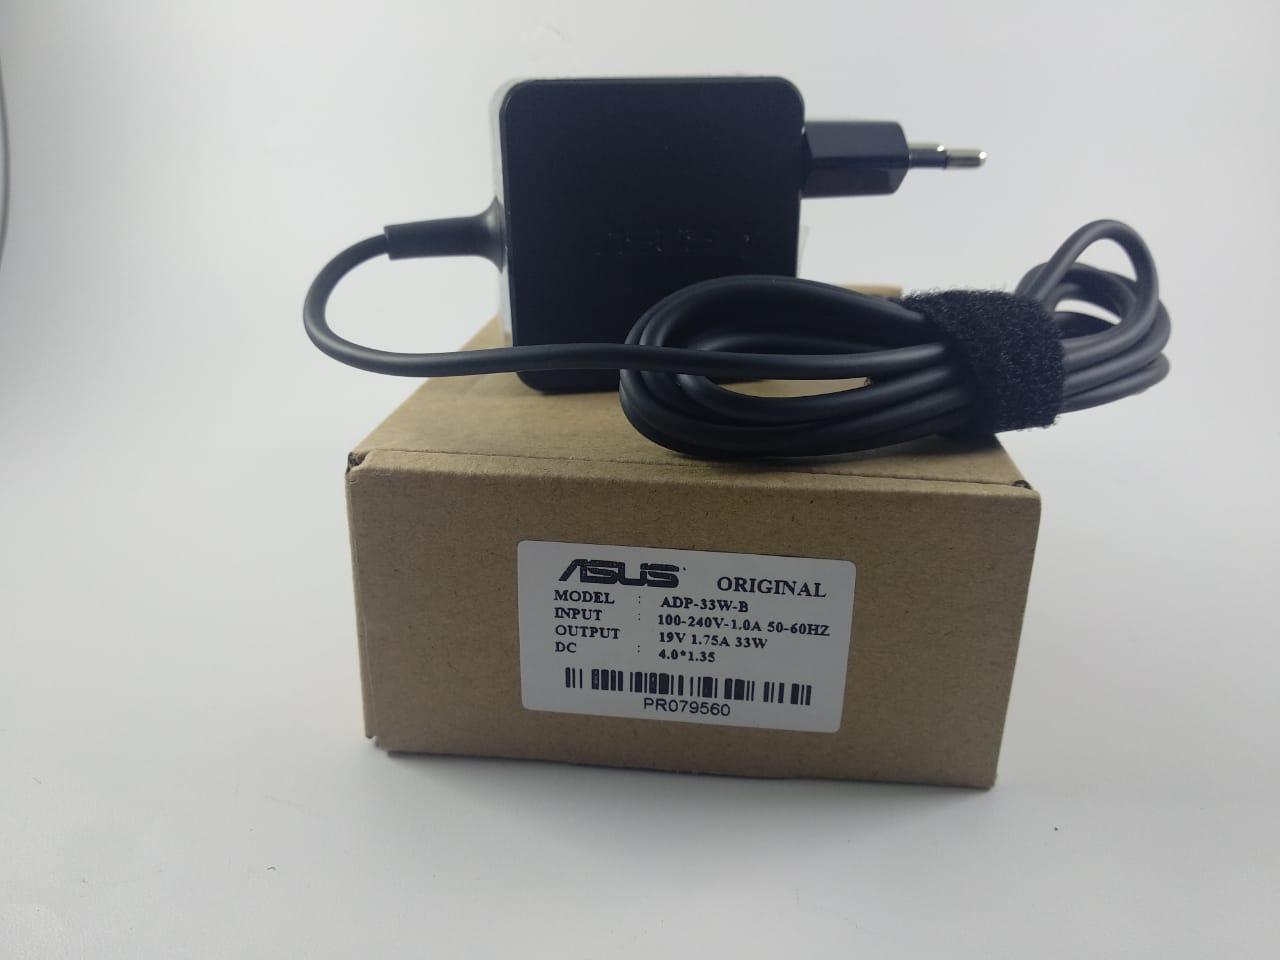 ASUS ORI Adaptor Charger Laptop ASUS 19V 1.75A dc 4.0*1.35mm PETAK KOTAK ADP-40MH 33W/ Asus VivoBook X200 X200CA X201 X202E S200 S200E X201E F201E X202E Q200E S200 S220 X200T Series